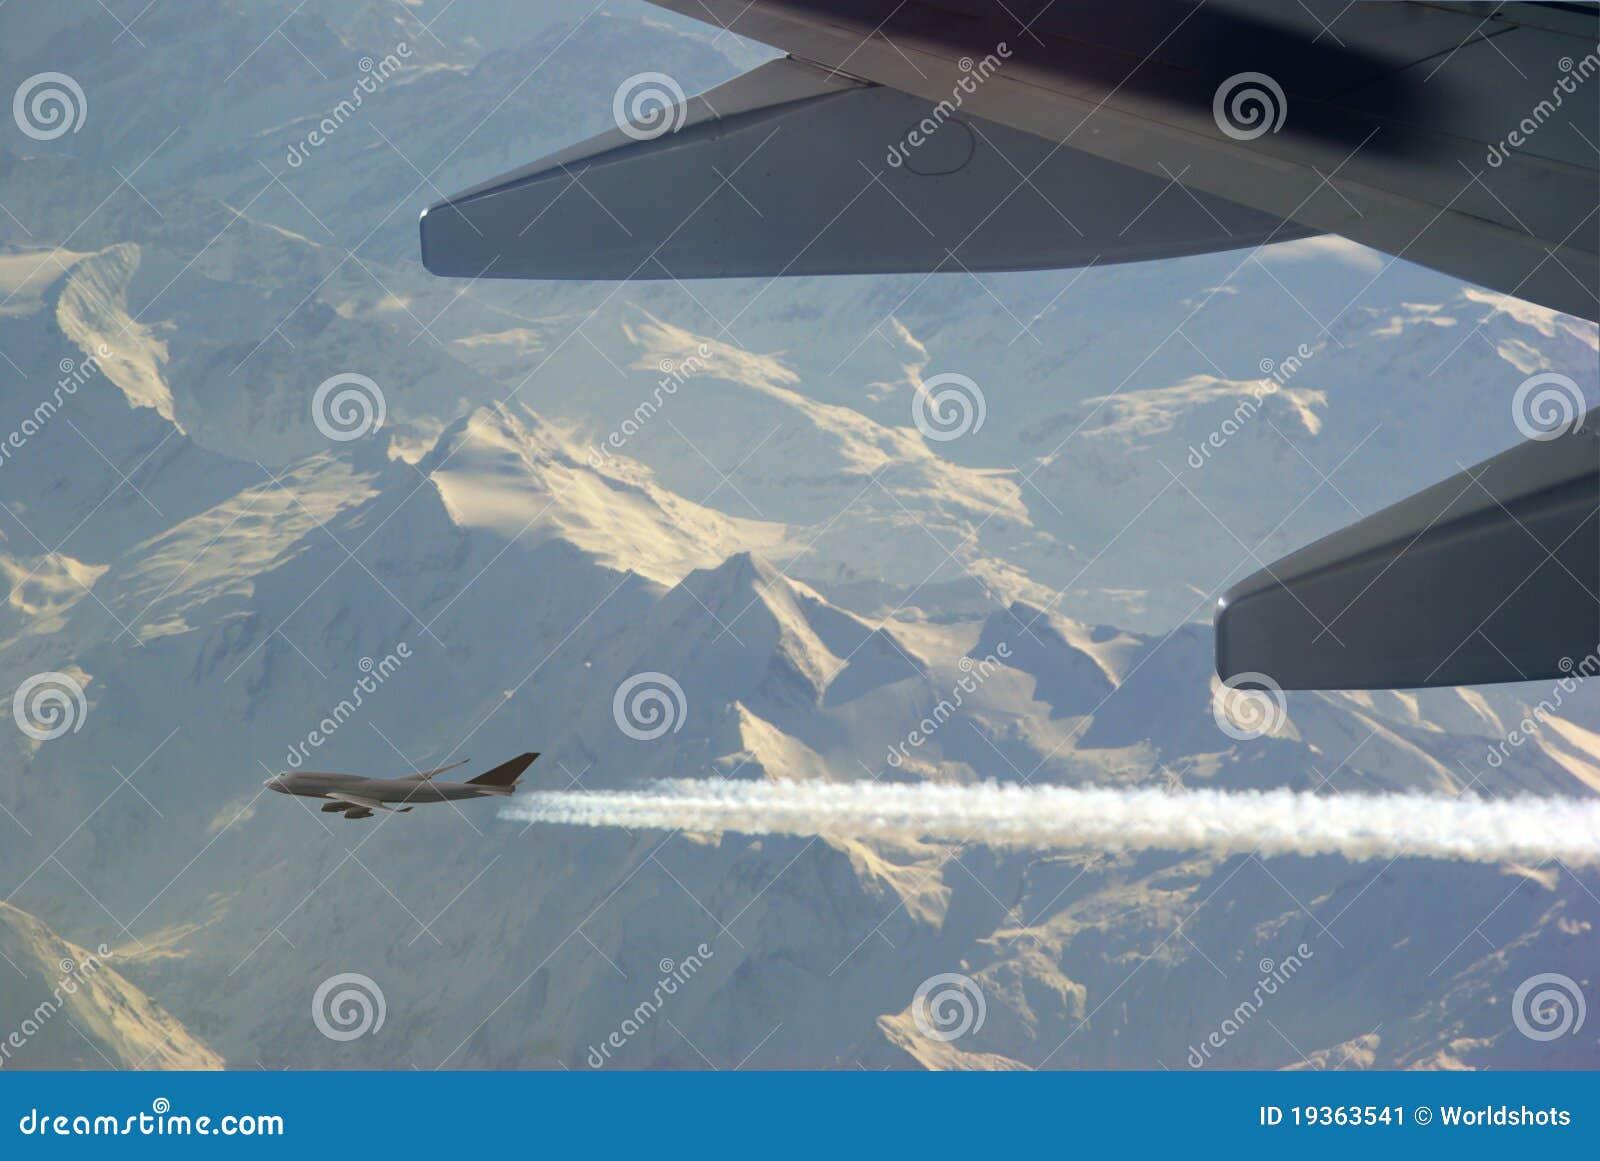 Avião com contrail